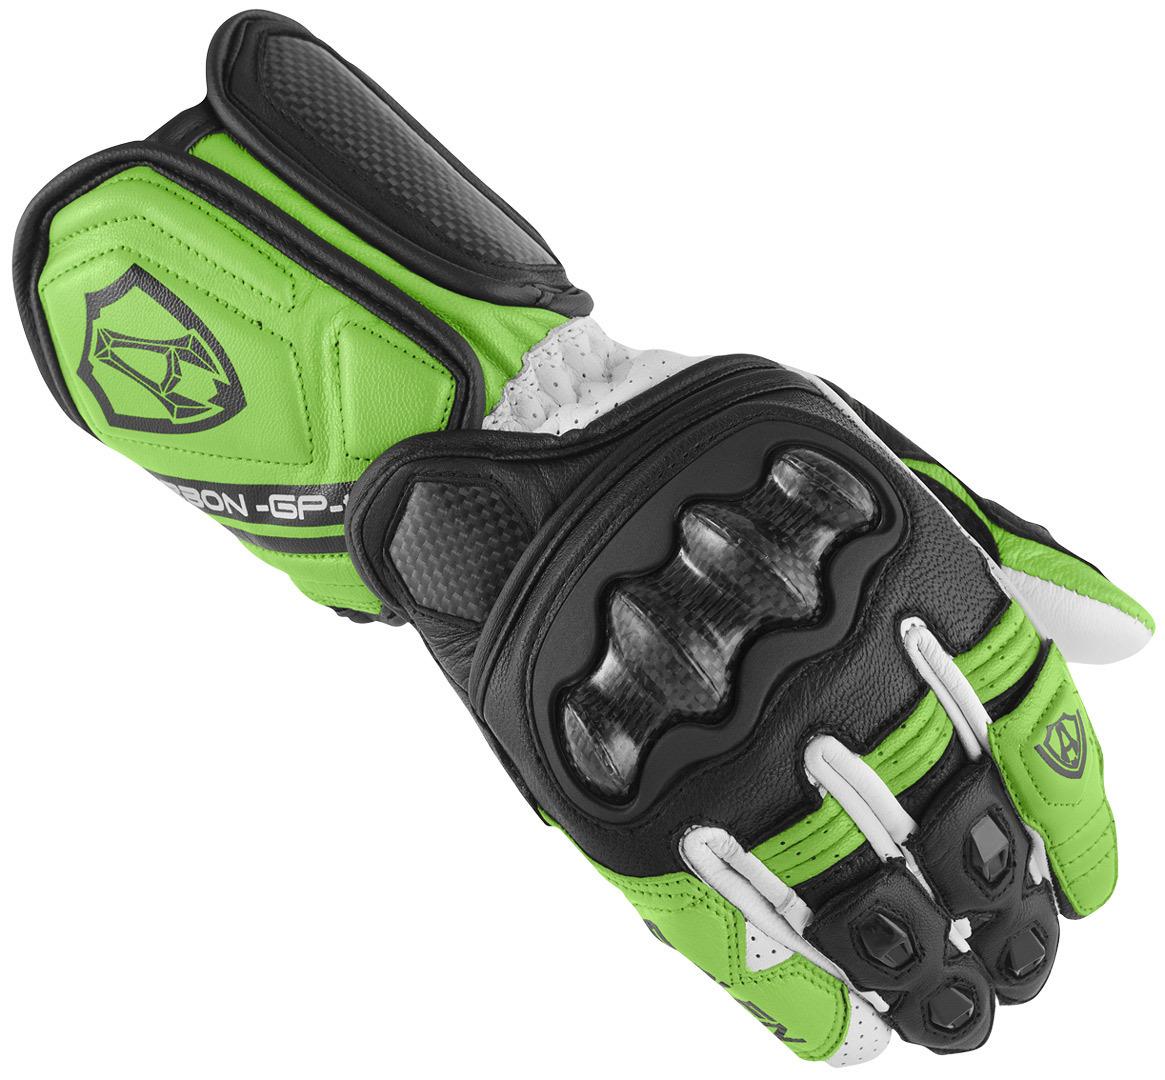 Arlen Ness RG-X Motorradhandschuhe, schwarz-weiss-grün, Größe S, schwarz-weiss-grün, Größe S